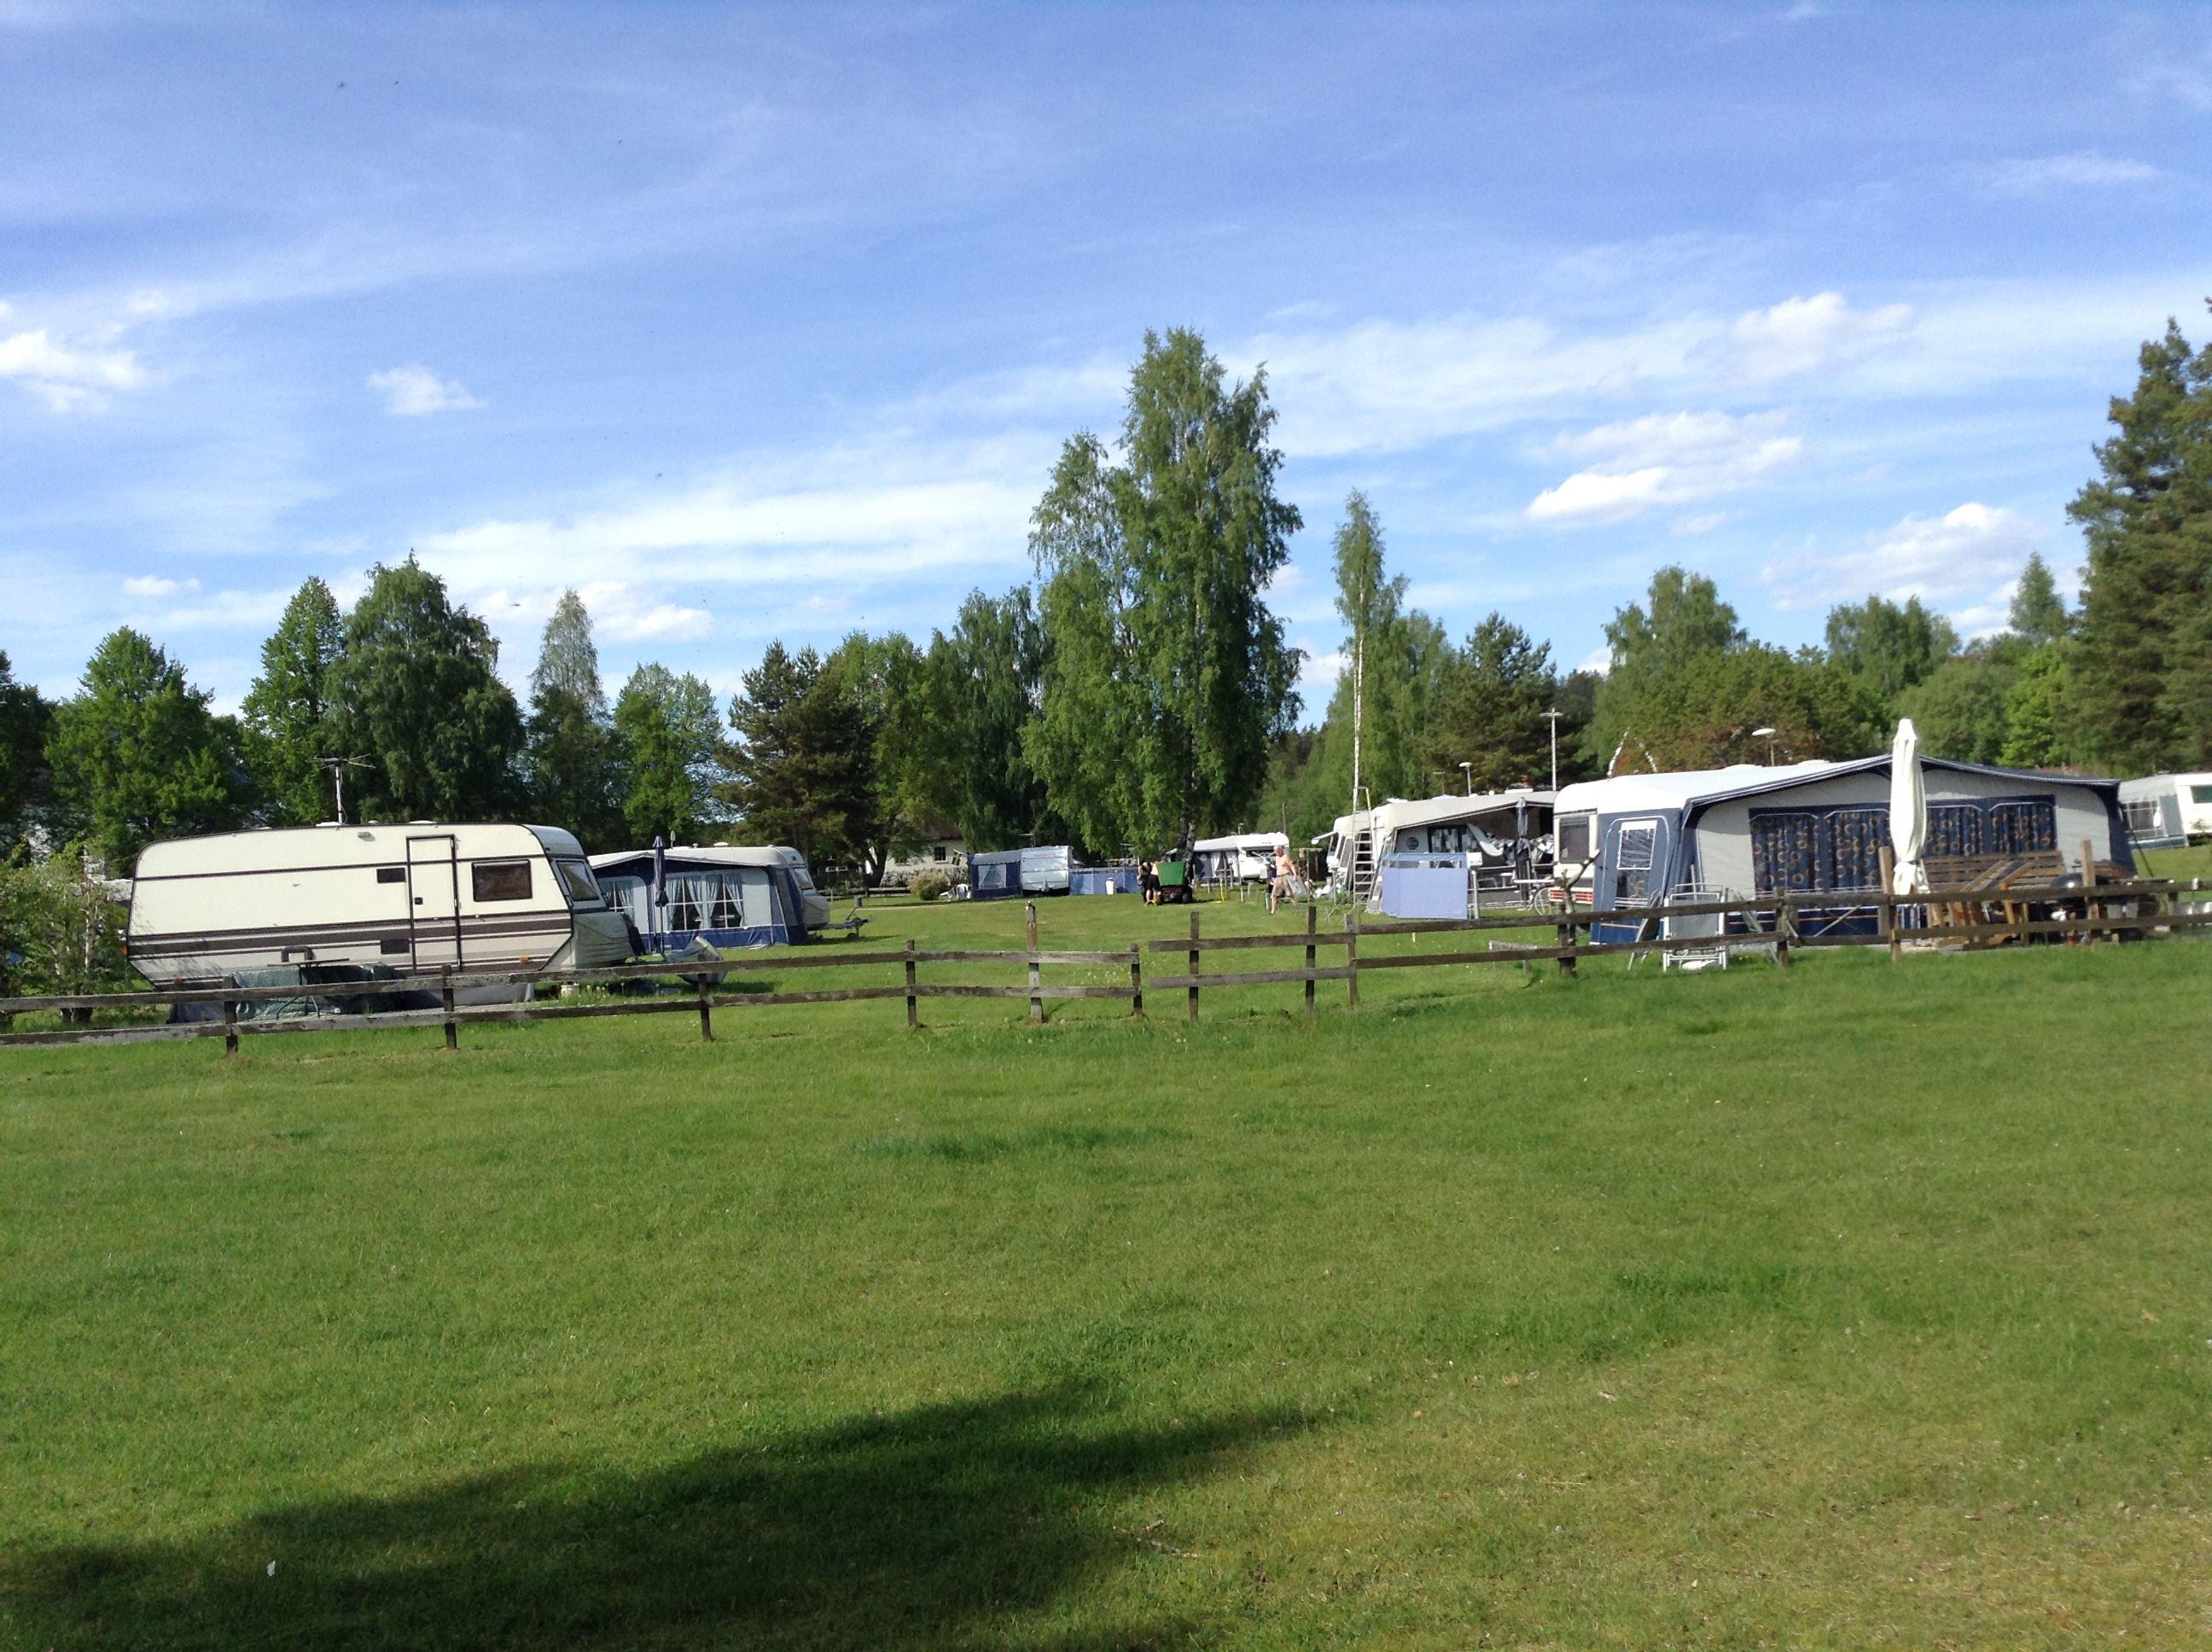 Malexander Camping / Camping